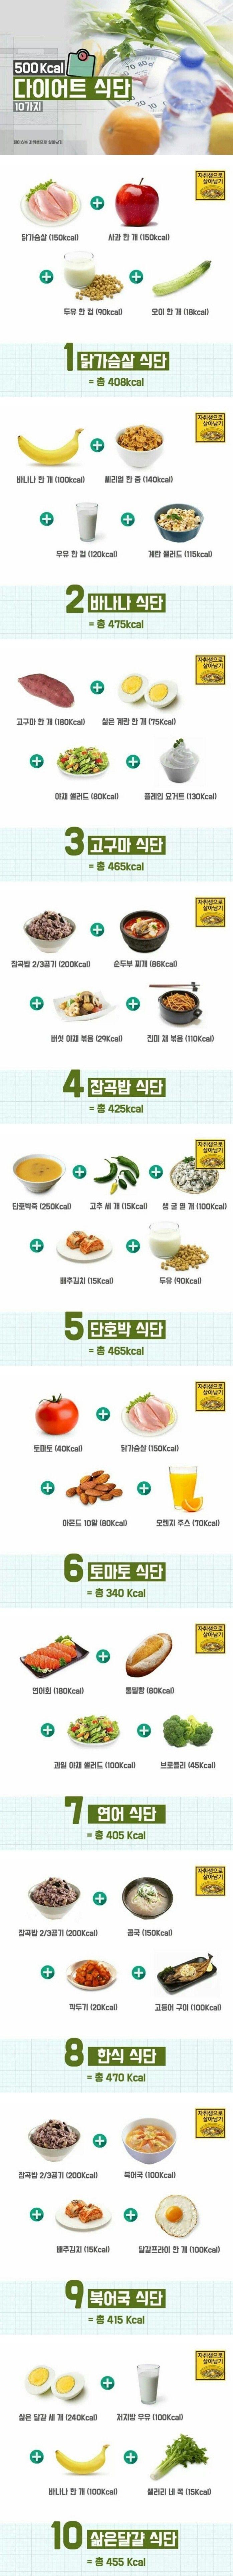 500 칼로리 다이어트 식단 10가지